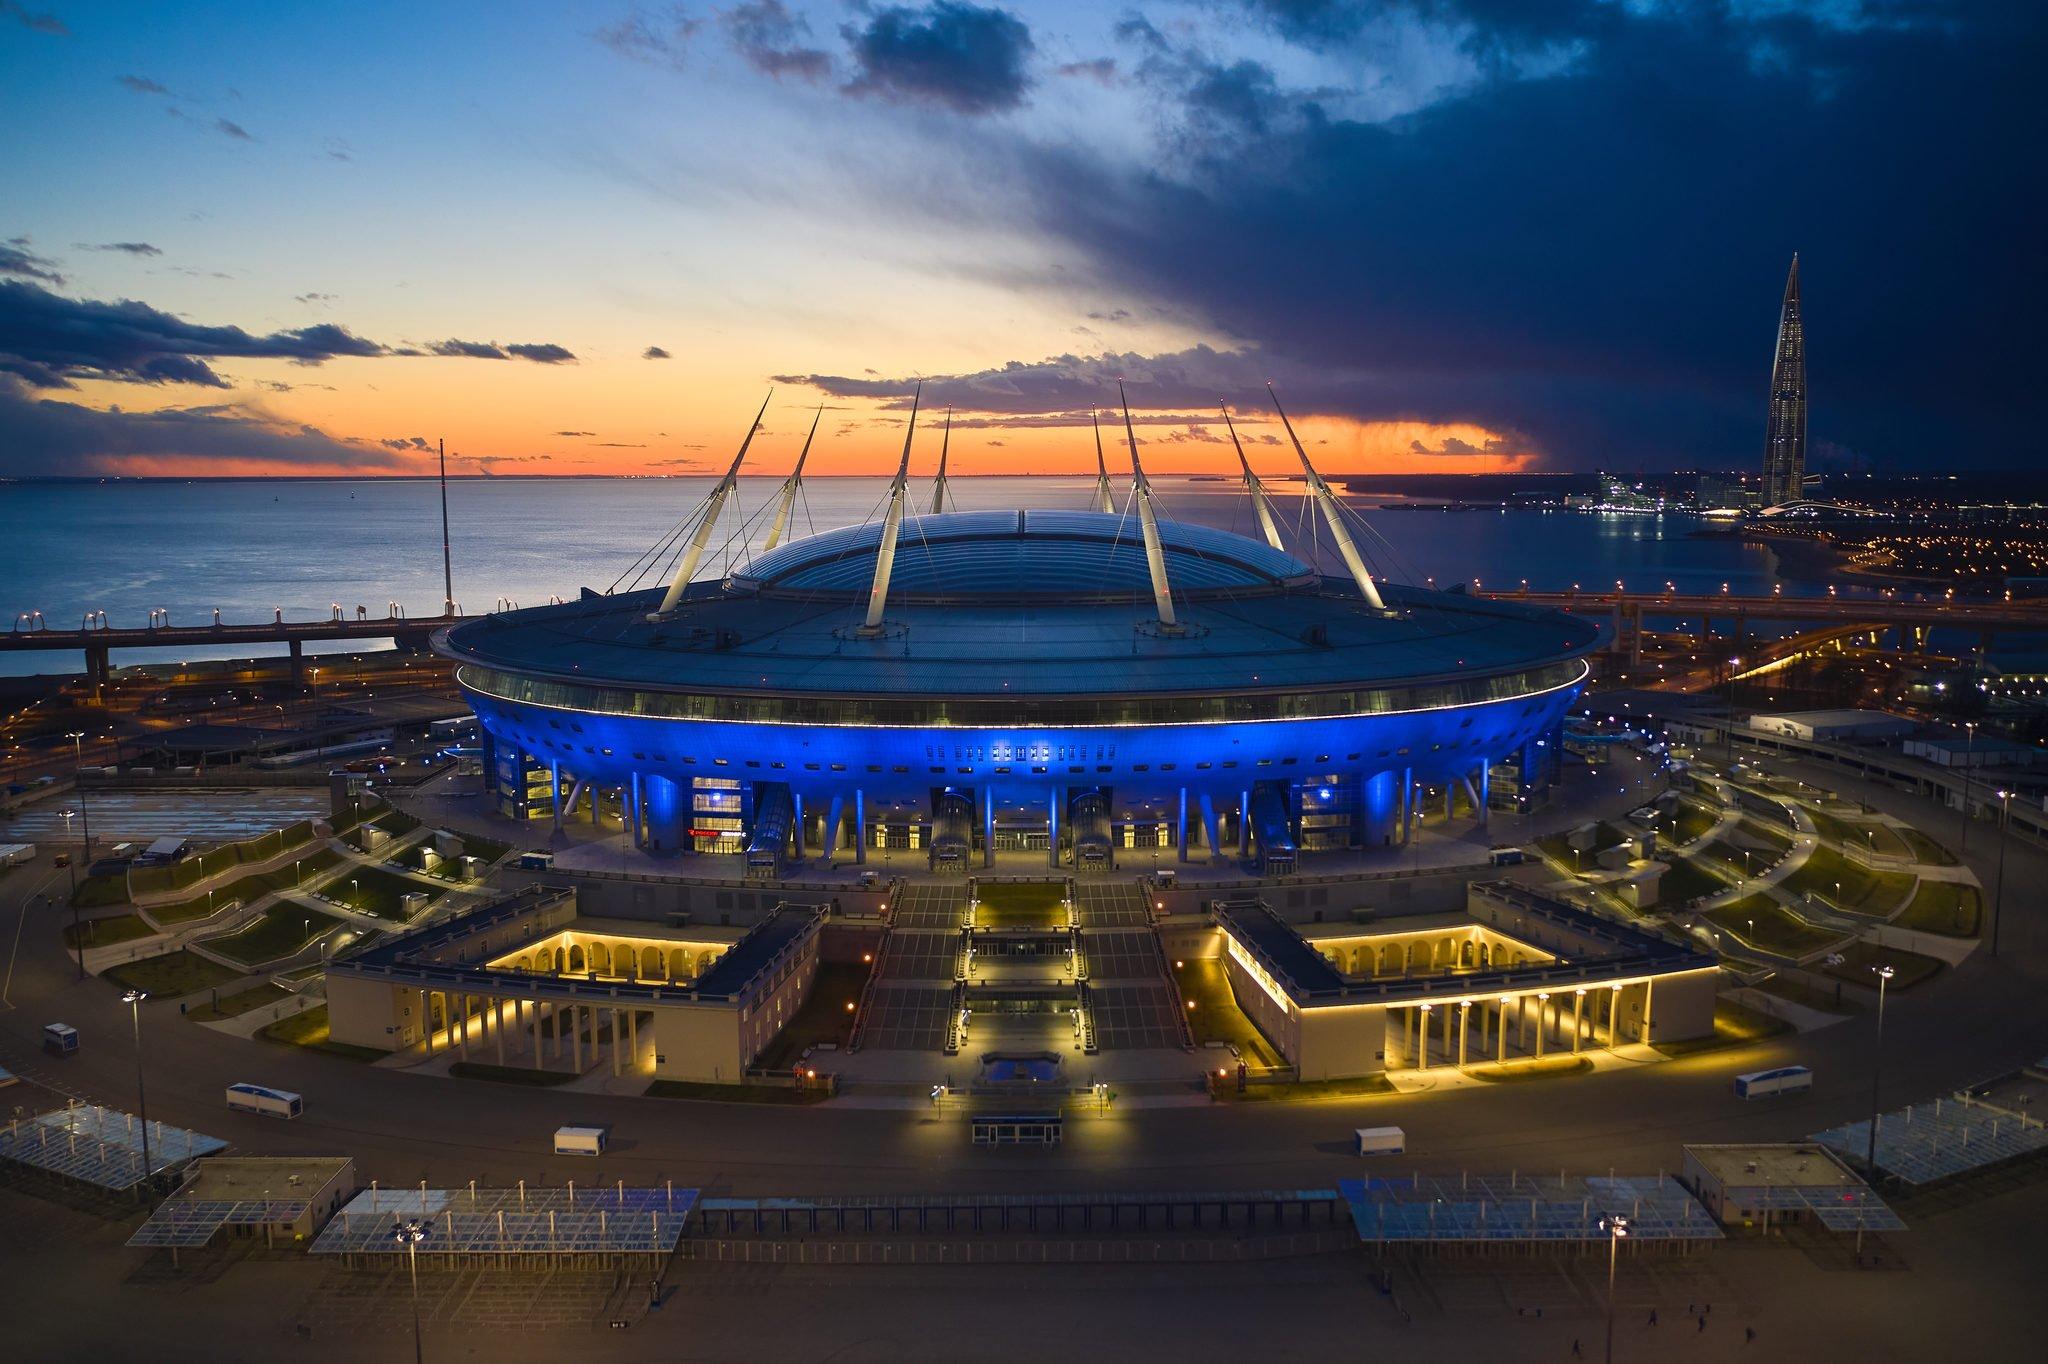 УЕФА может принять решение о переносе матчей Евро-2020 из Дублина в Санкт-Петербург